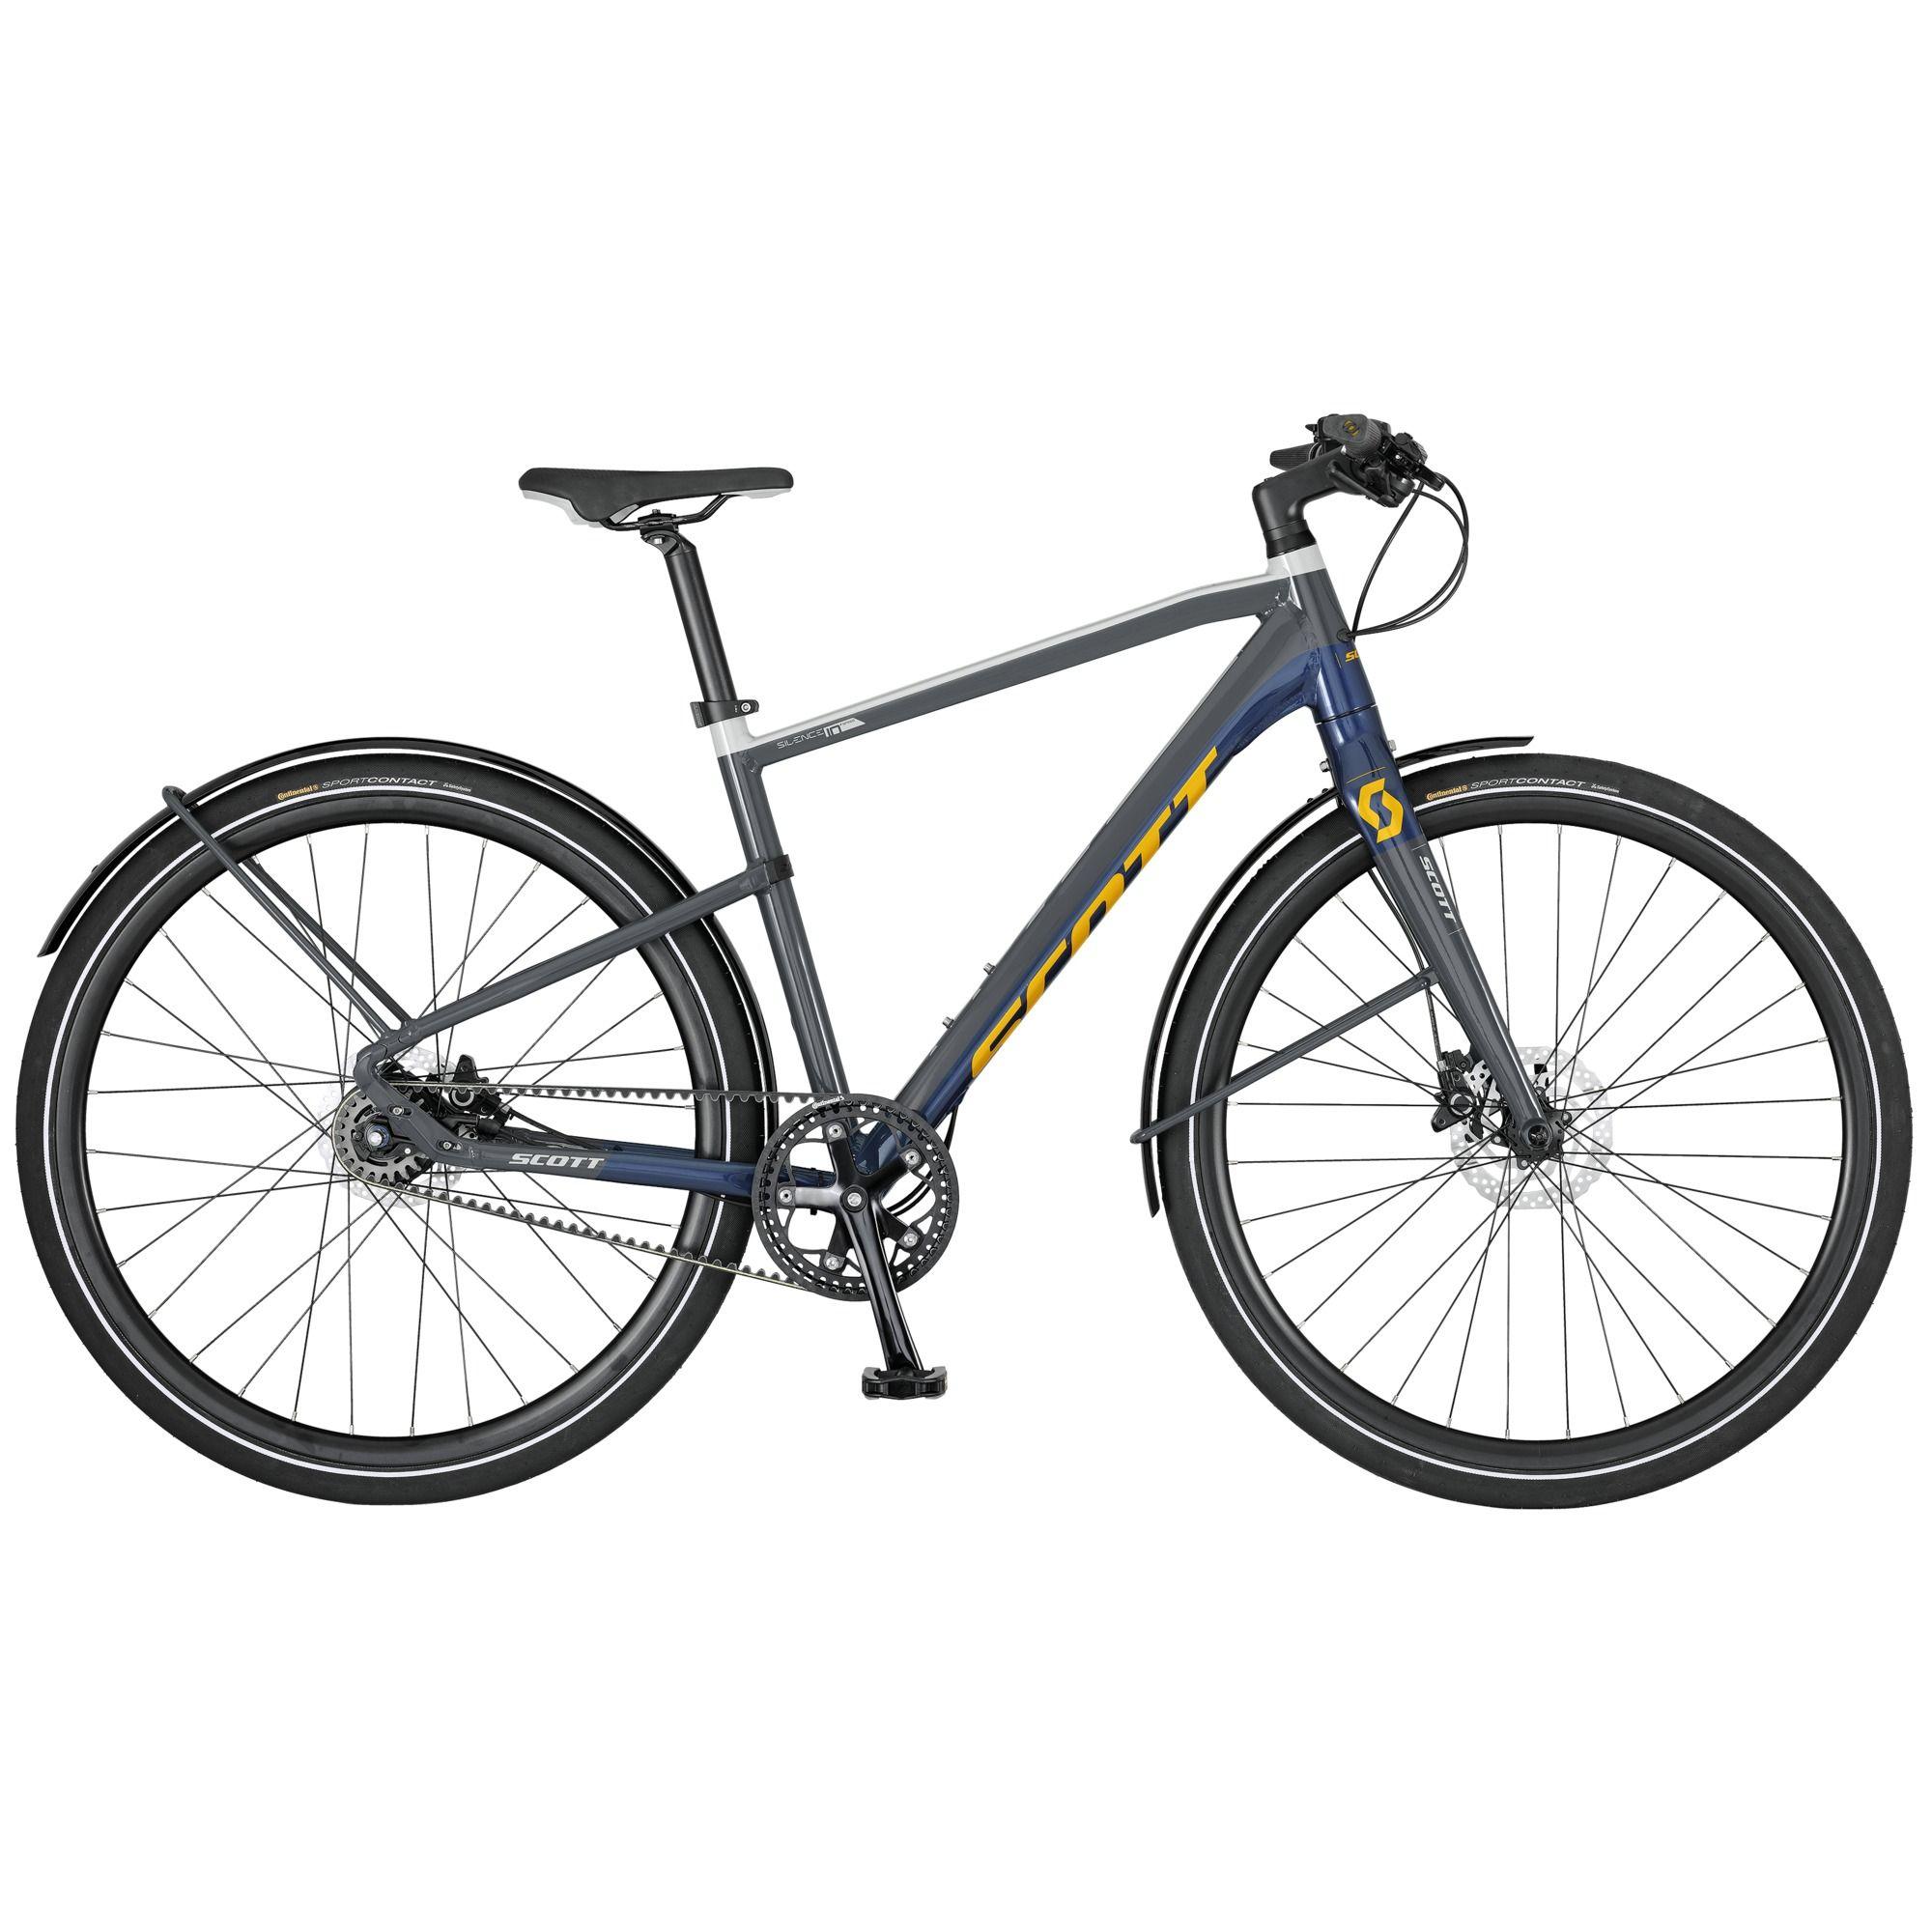 Scott Silence Speed 10 Men S Bike Belt Drive Alfine 8